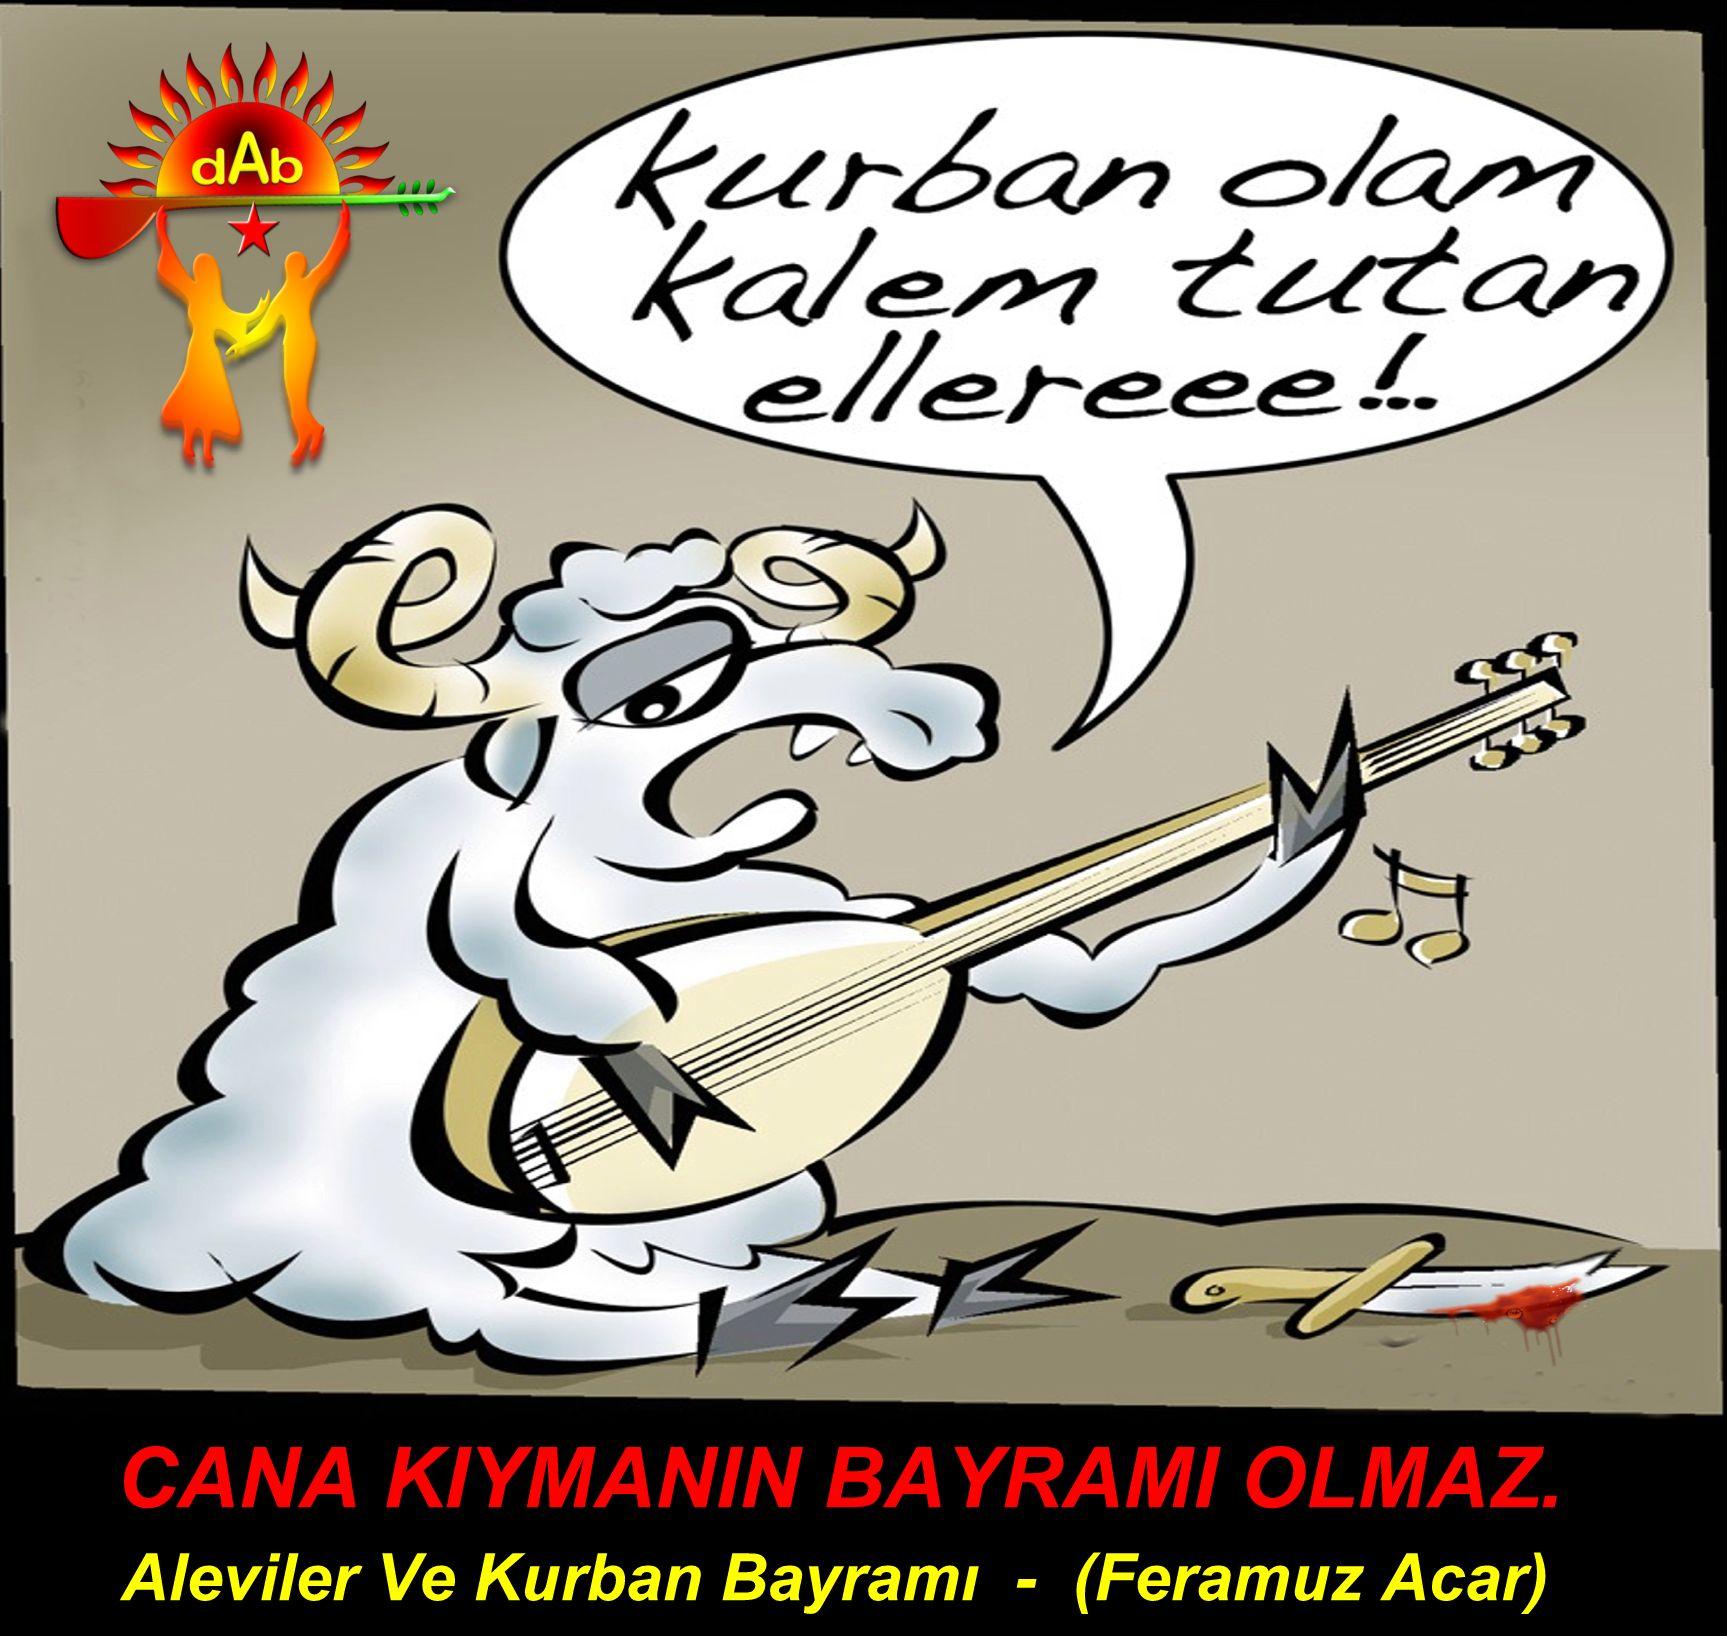 Alevi bektasi kizilbas pir sultan islam kurban olam kalem tutan ellere devrimci Aleviler Birlgi DAB